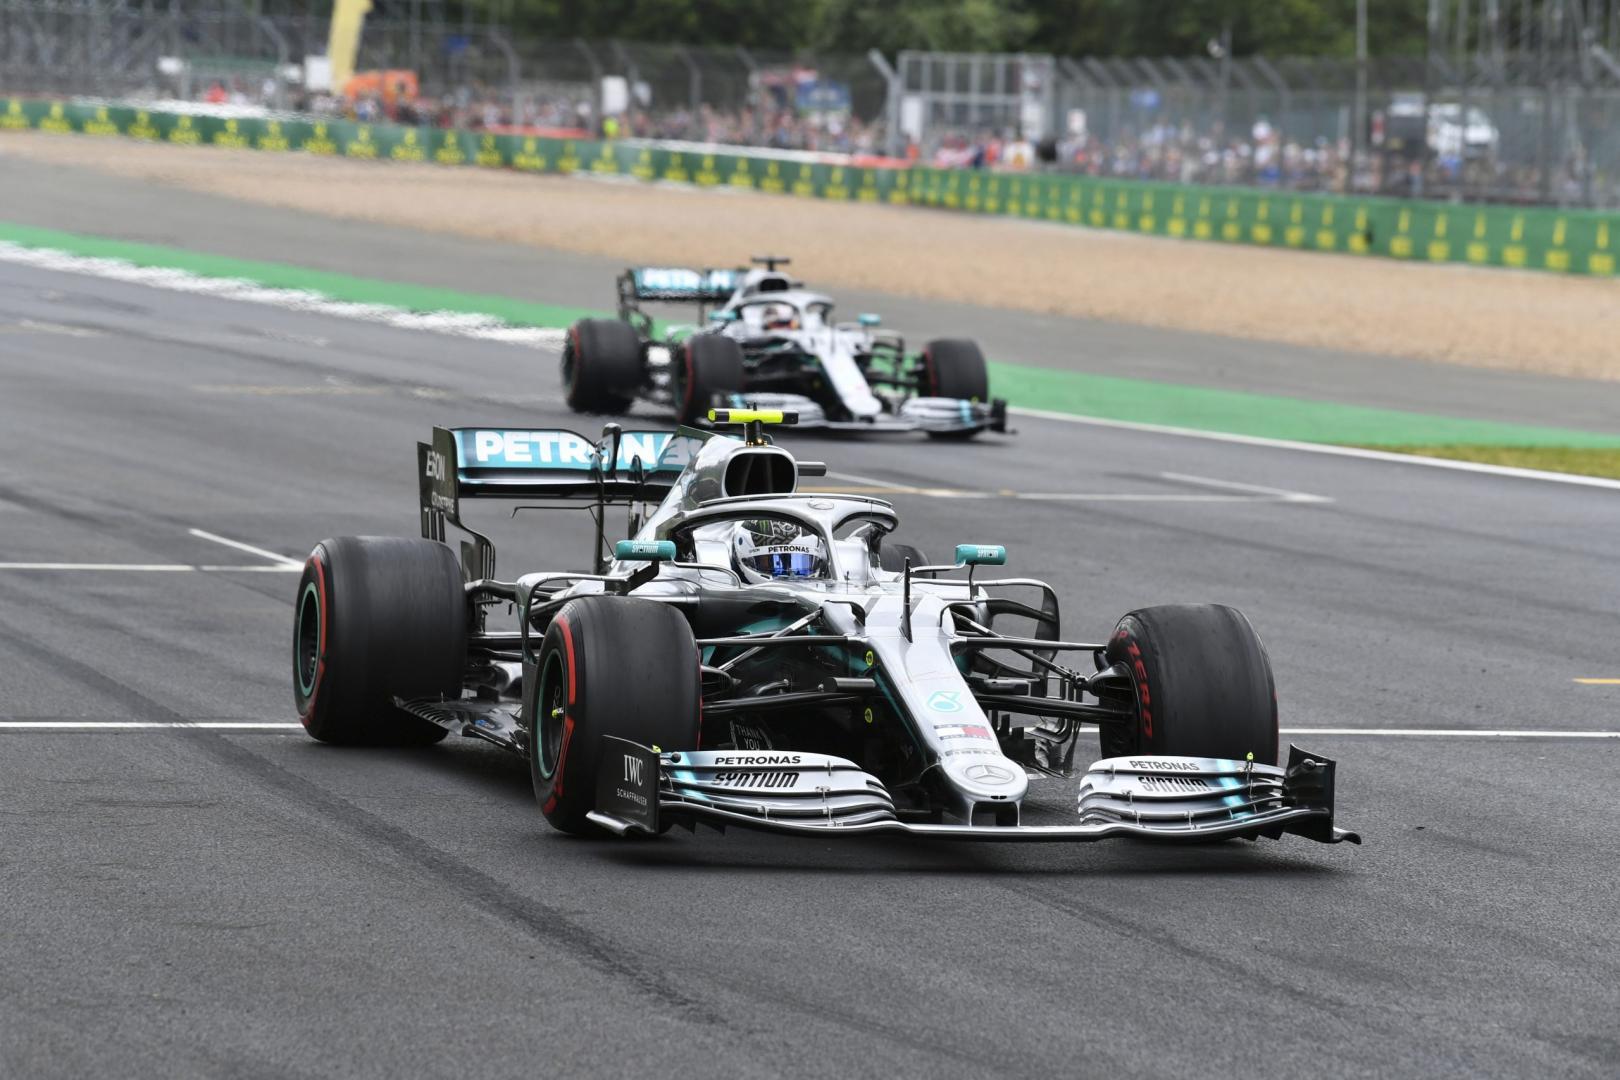 3e vrije training van de GP van Groot-Brittannië 2019